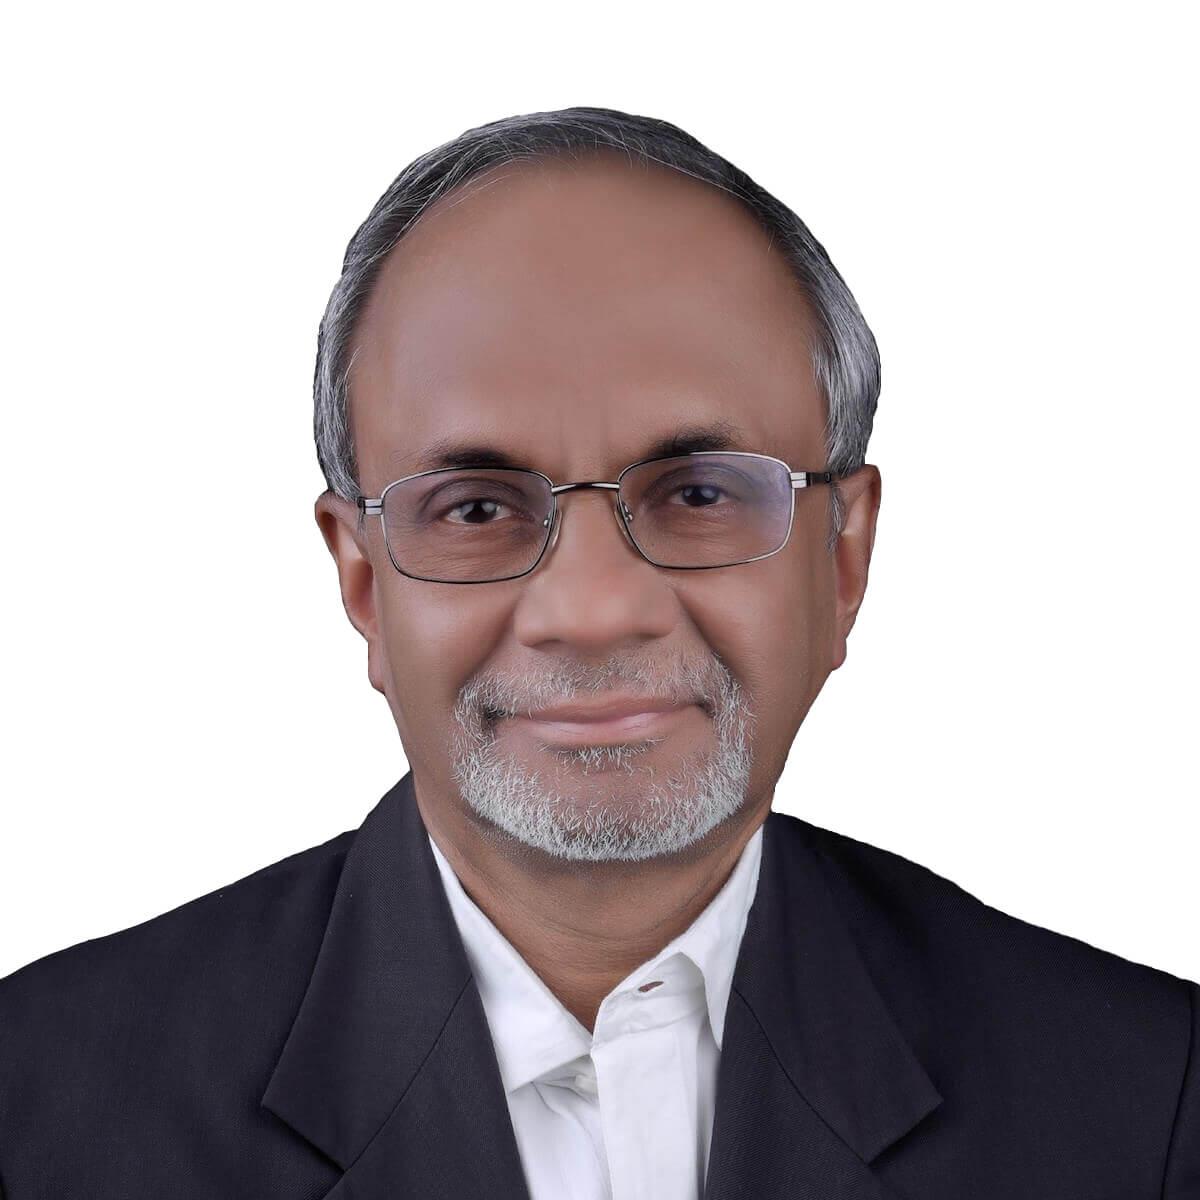 Dr. T. S. Balganesh